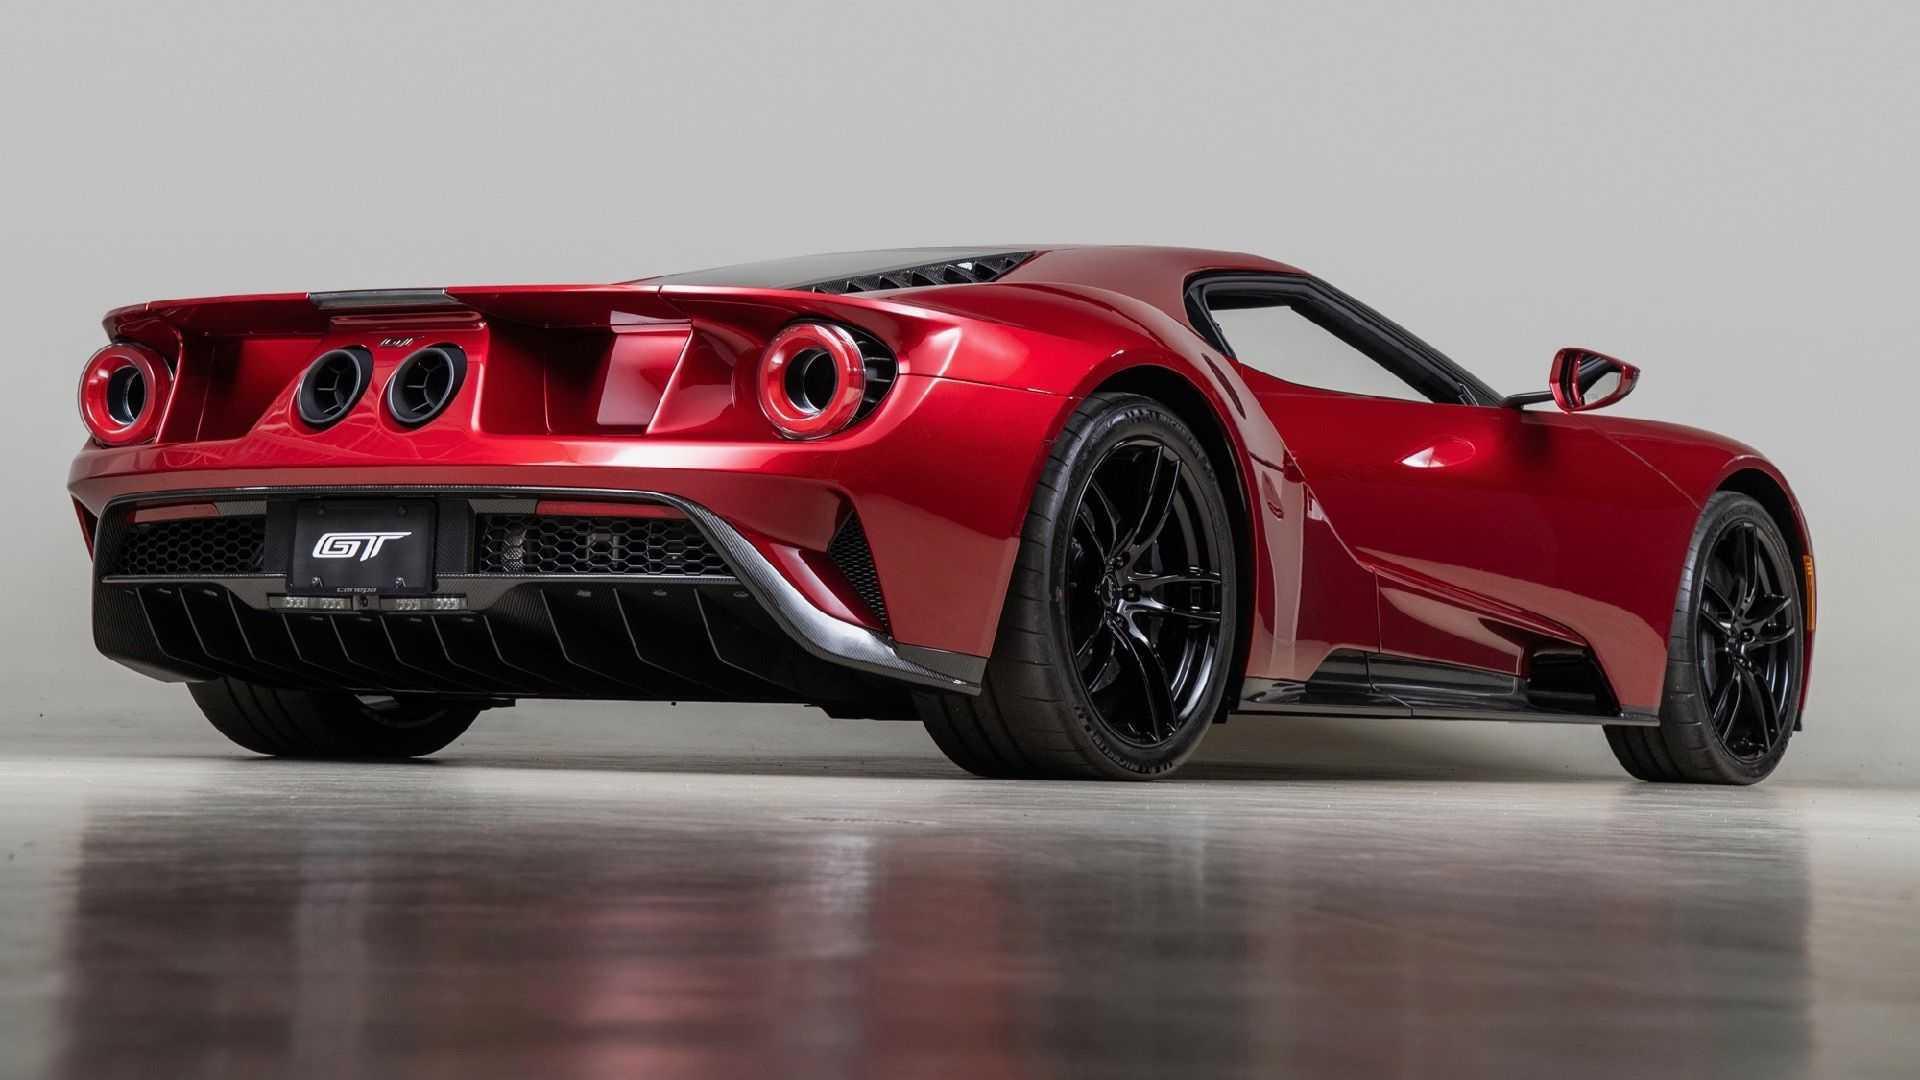 Cette Ford GT appartenant à son propre designer est en vente